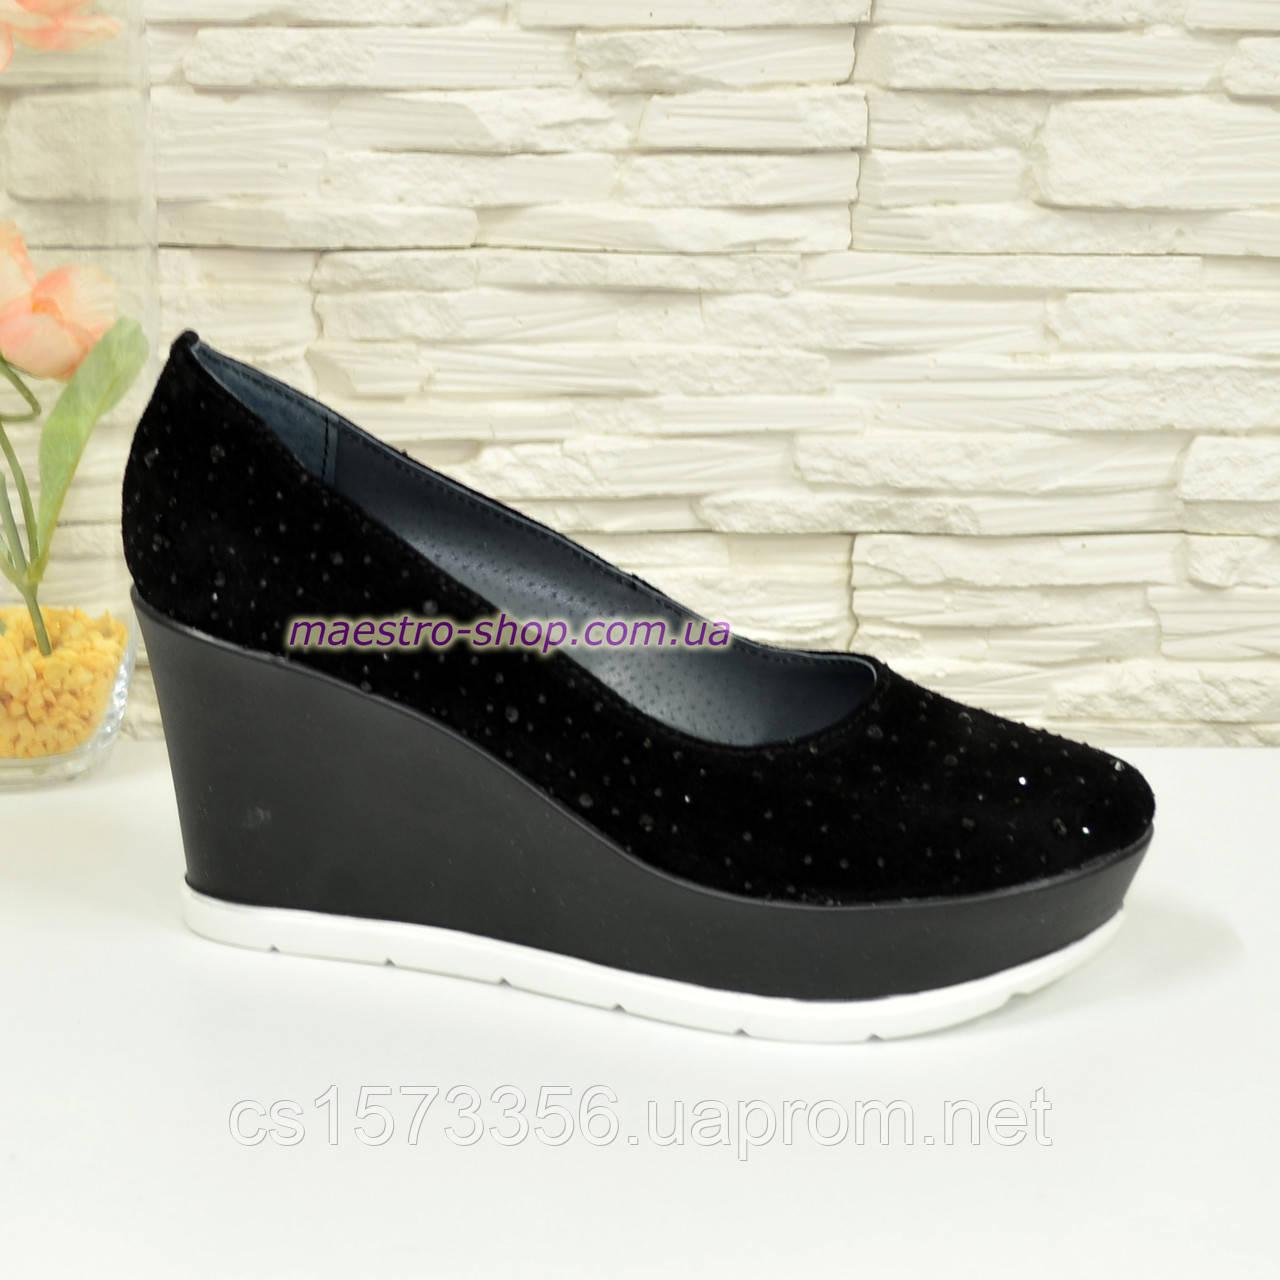 Туфли женские черные замшевые на платформе, декорированы камнями.